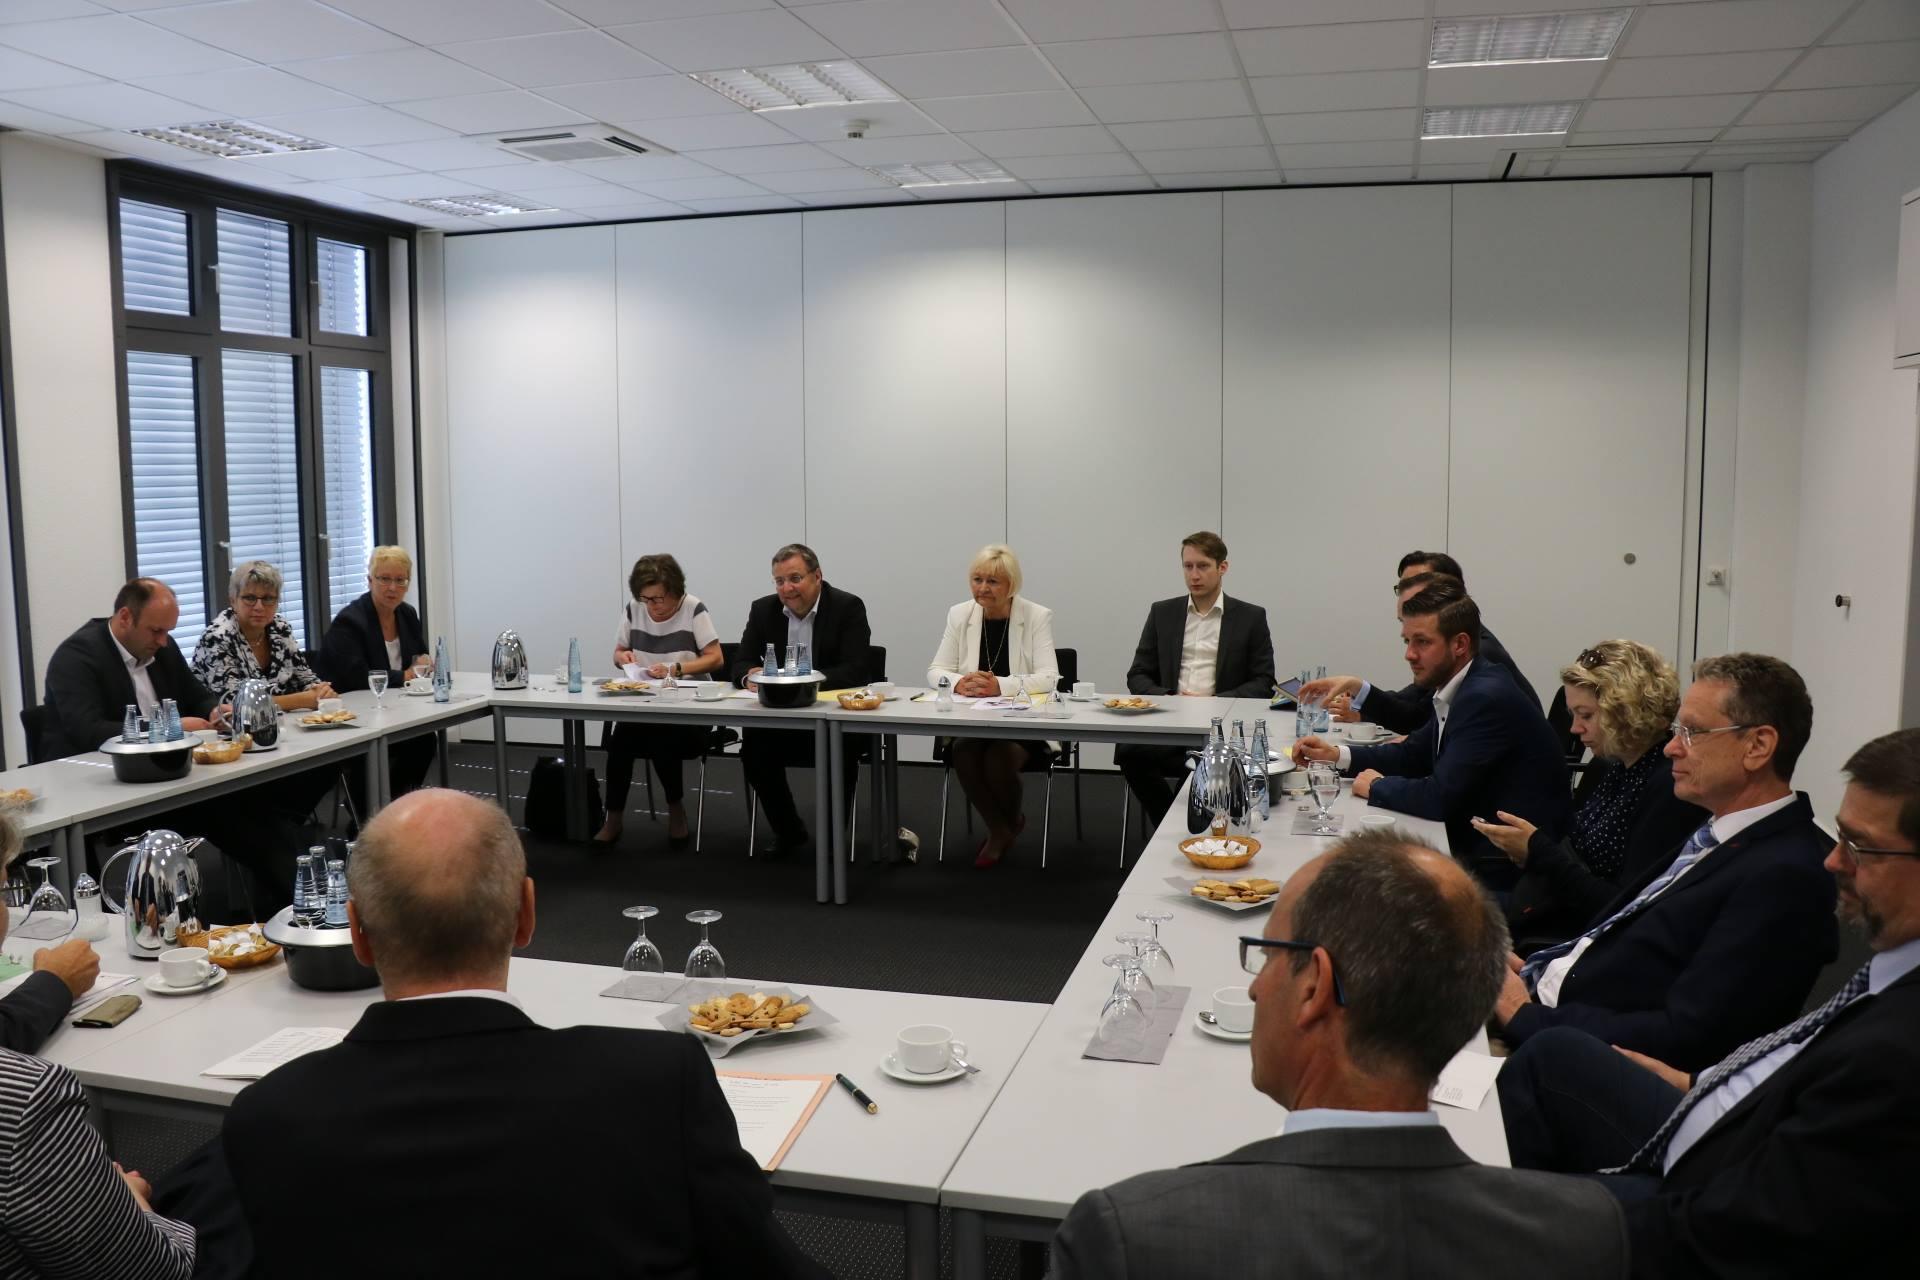 An die Führung schließt sich ein Gespräch mit den Vorsitzenden der Koblenzer Gerichte an. Themen sind die aktuelle Situation und Herausforderungen der Justiz sowie die Auswirkung politischer Entscheidungen auf die Justiz.